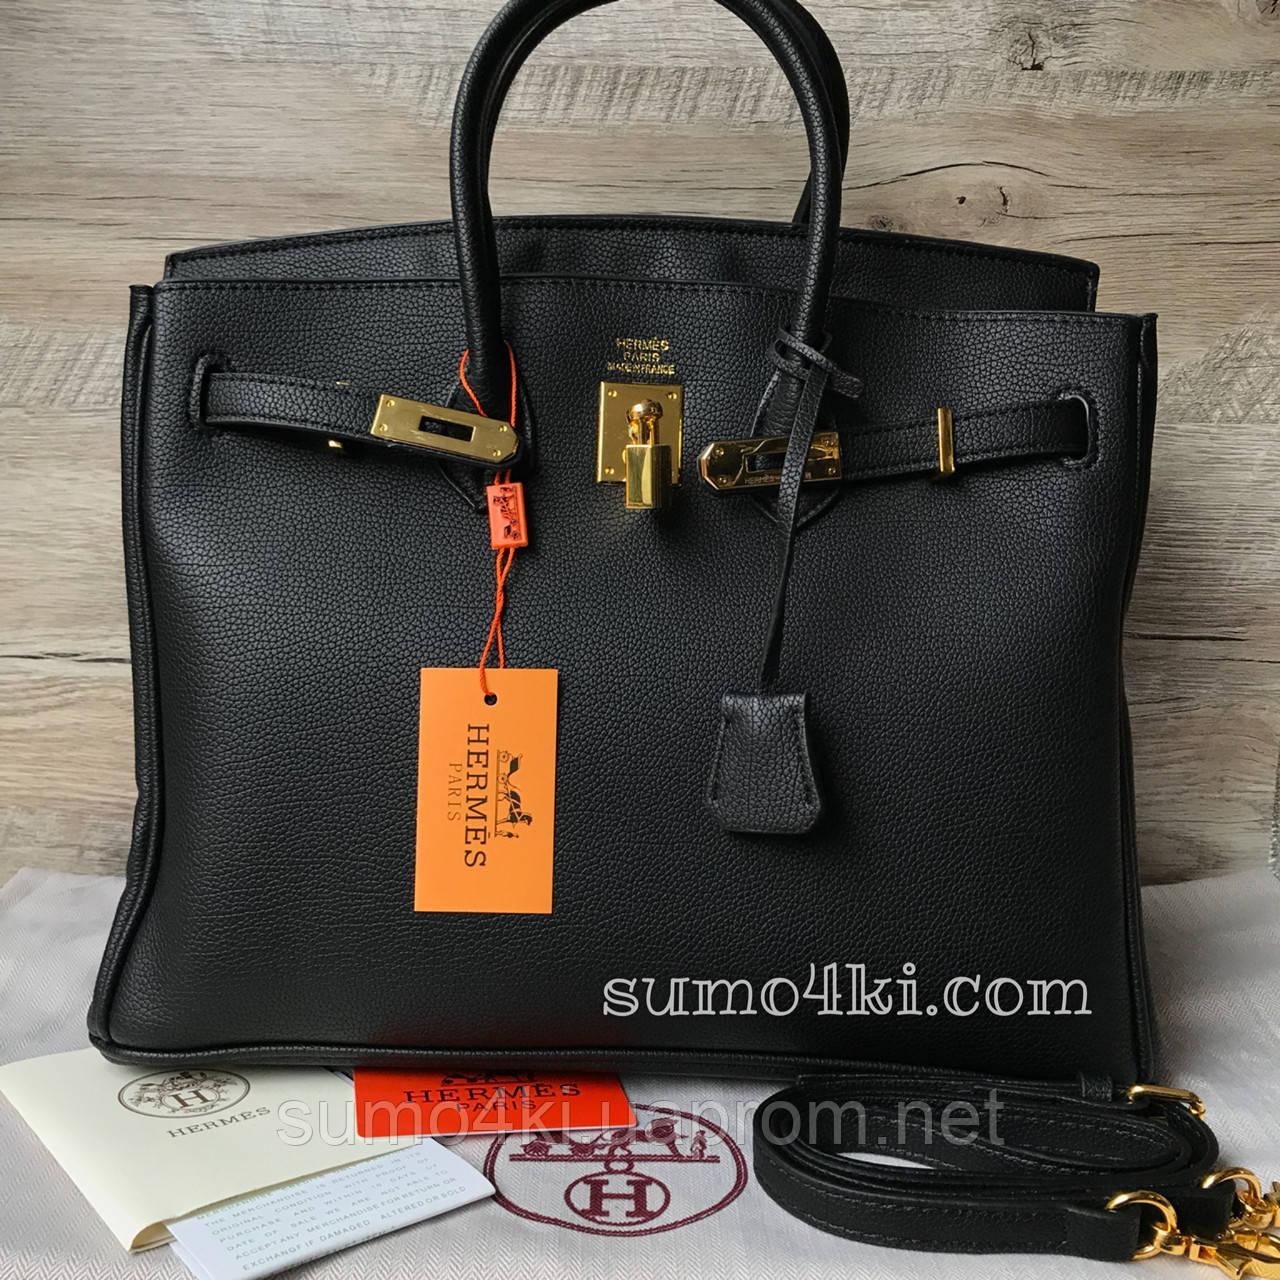 Женская сумка Неrmеs Вirkin Гермес Биркин - Интернет-магазин «Галерея  Сумок» в Одессе 398e57d3047